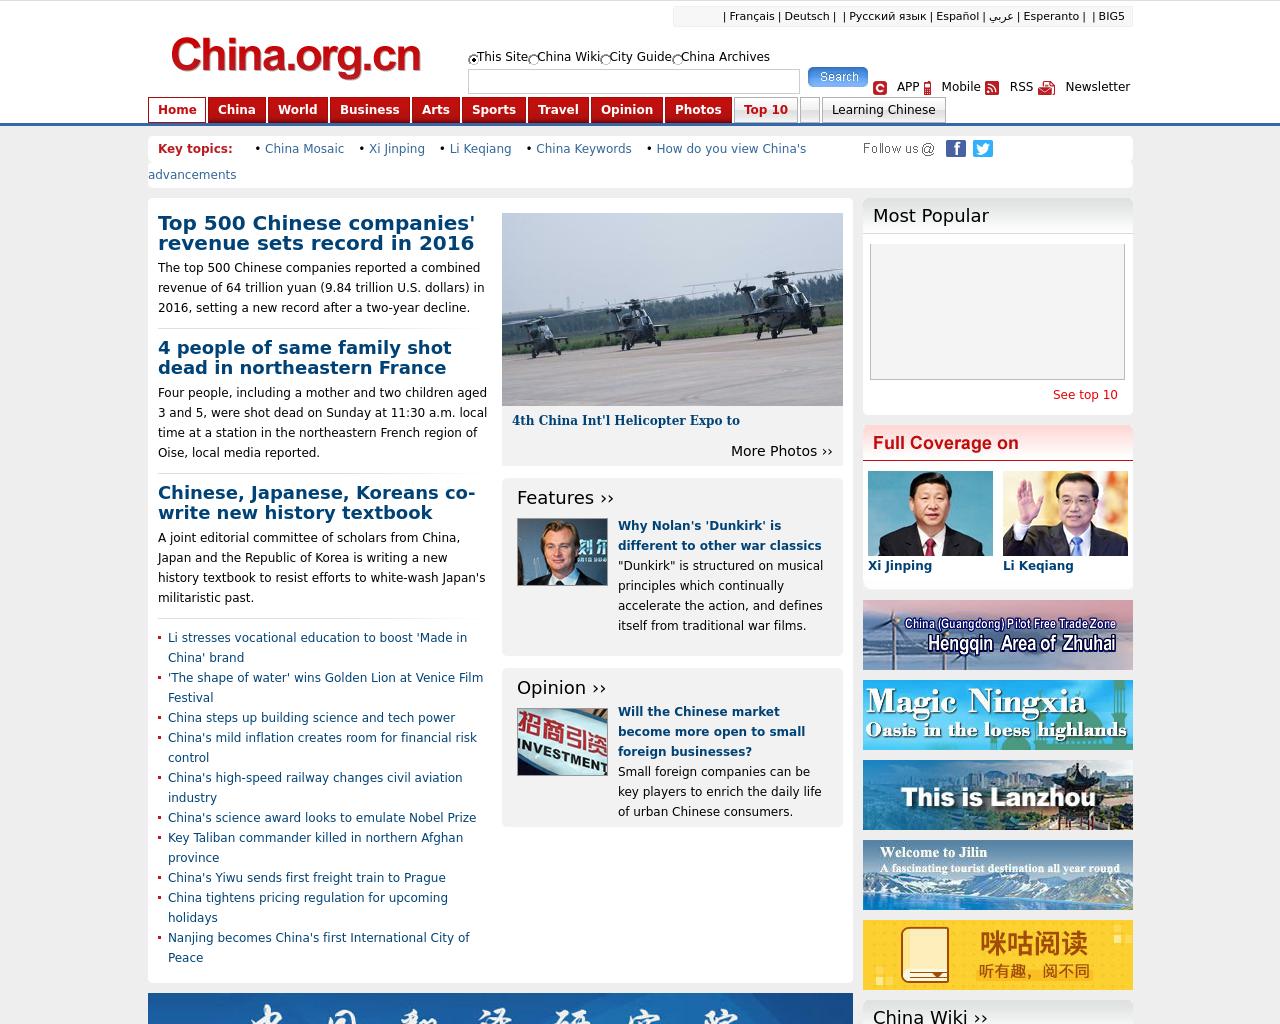 China.org.cn-Advertising-Reviews-Pricing